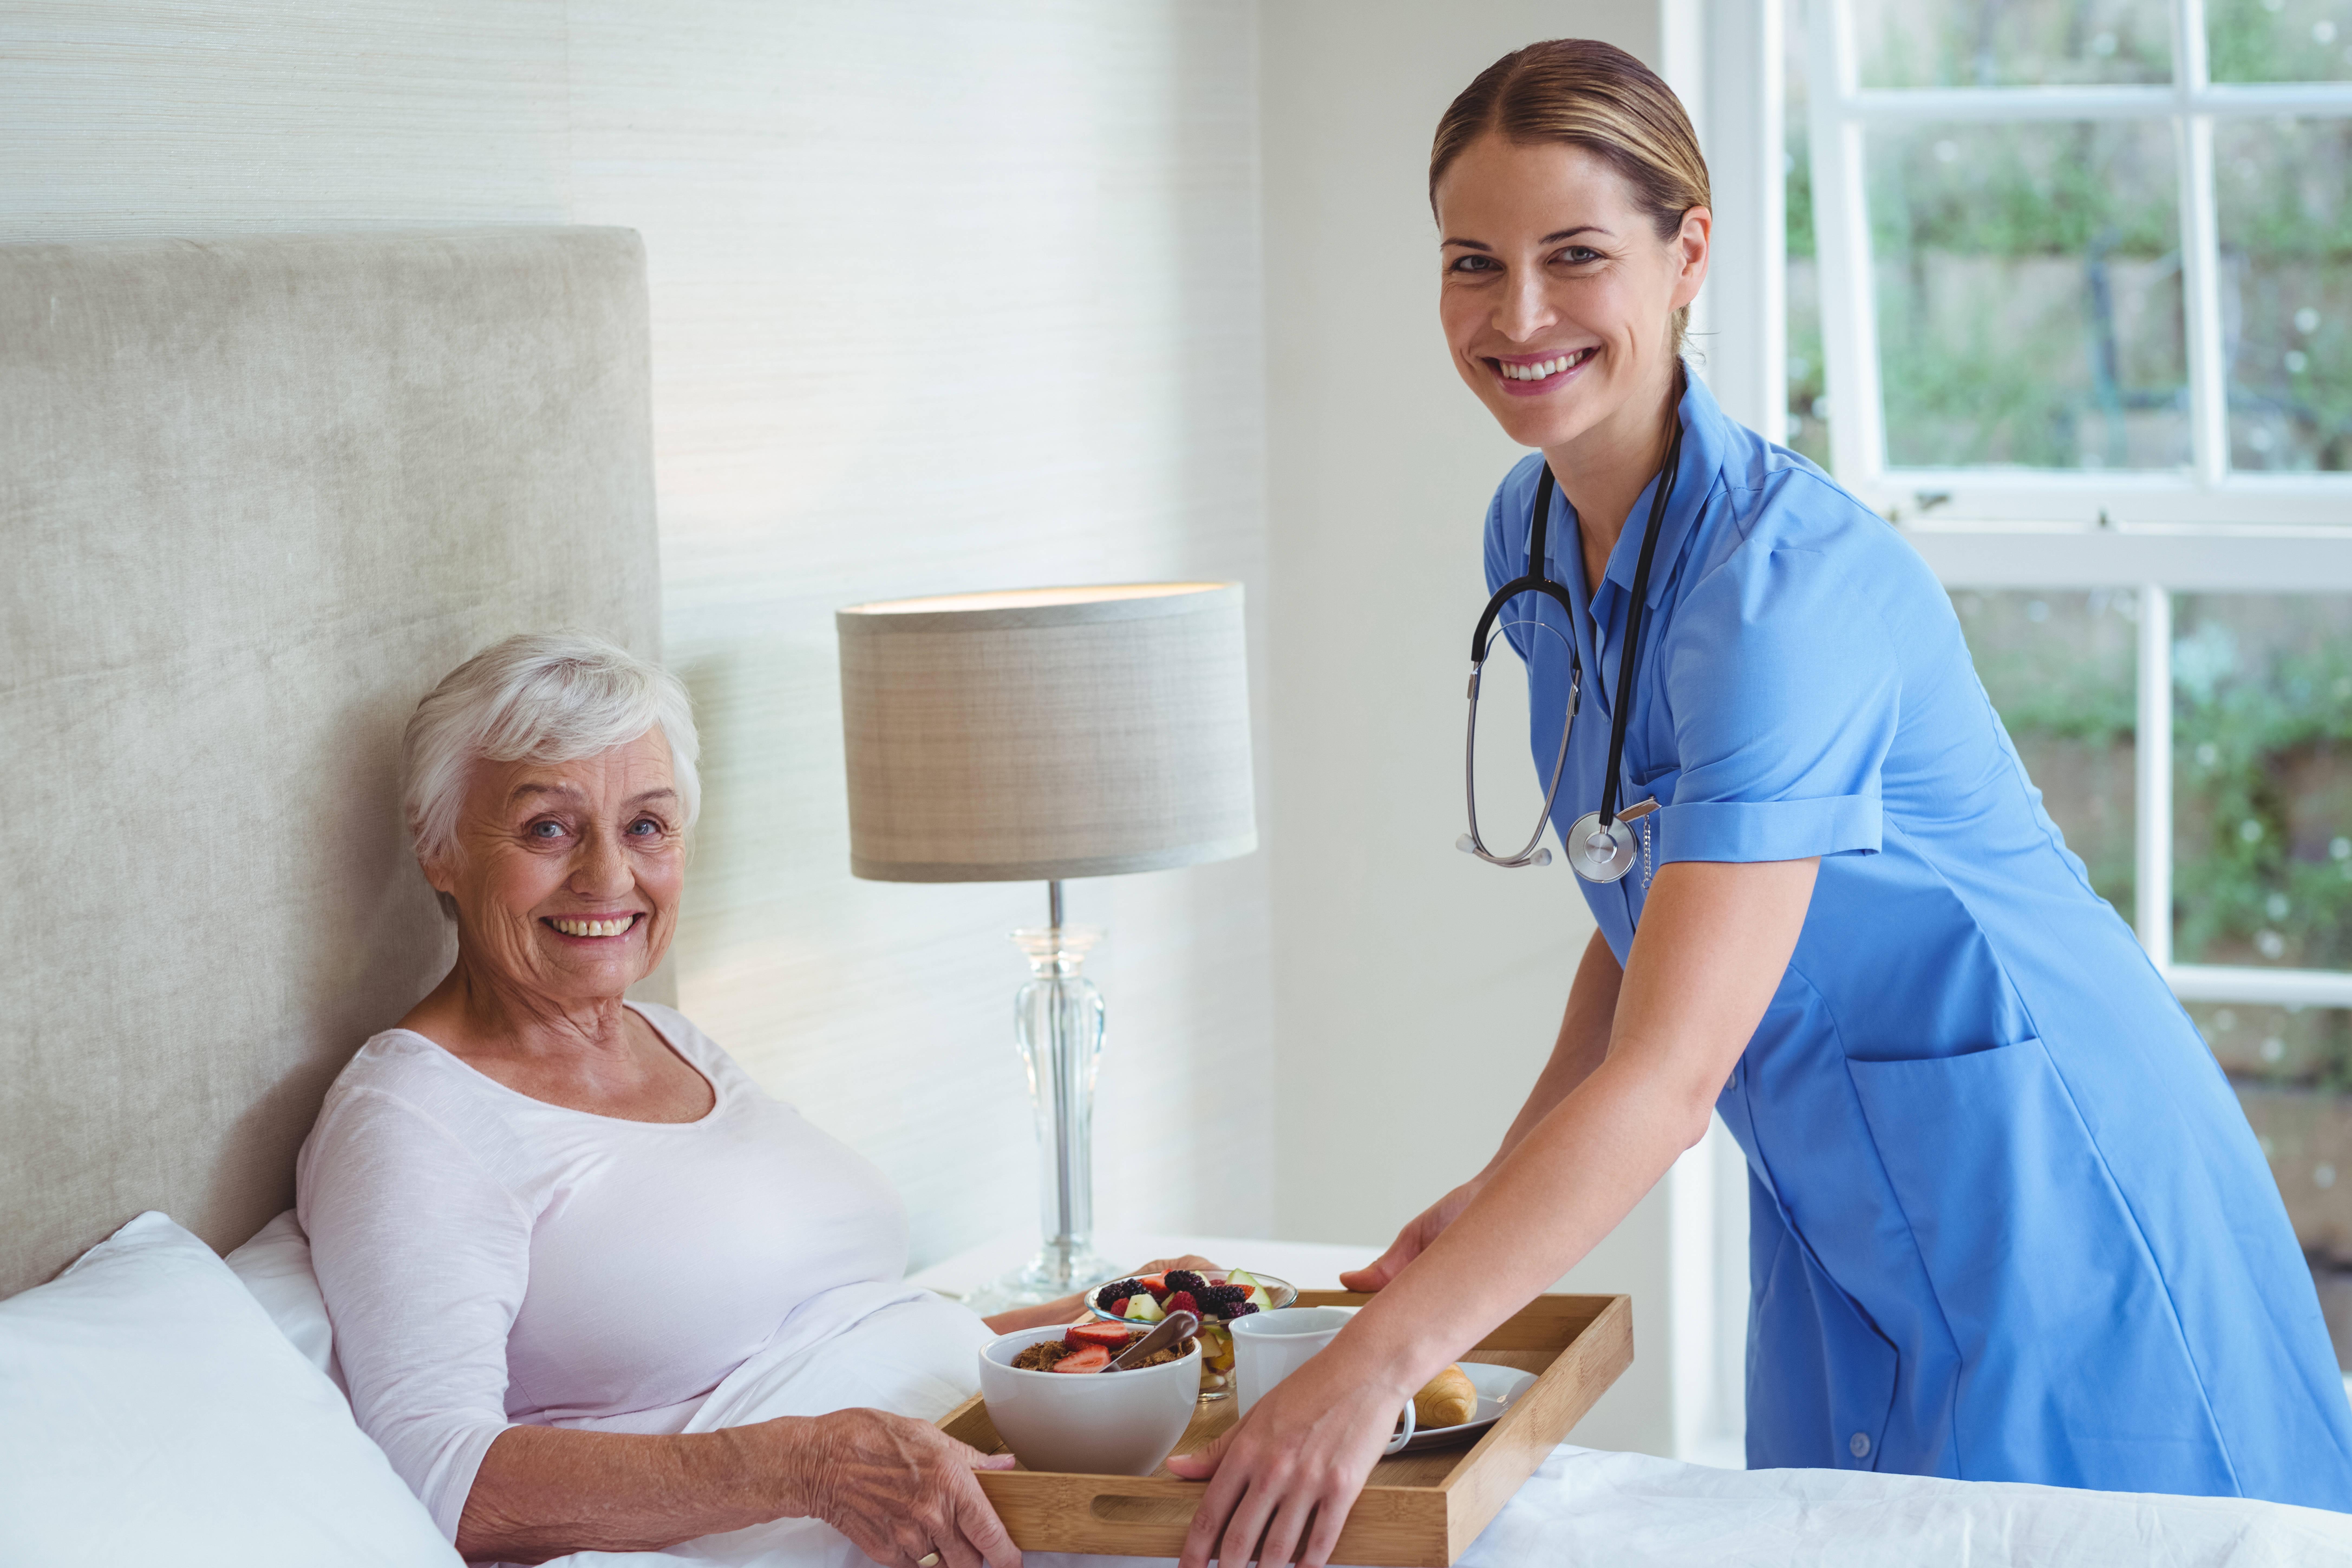 La ayuda a domicilio, una opción viable frente a las residencias